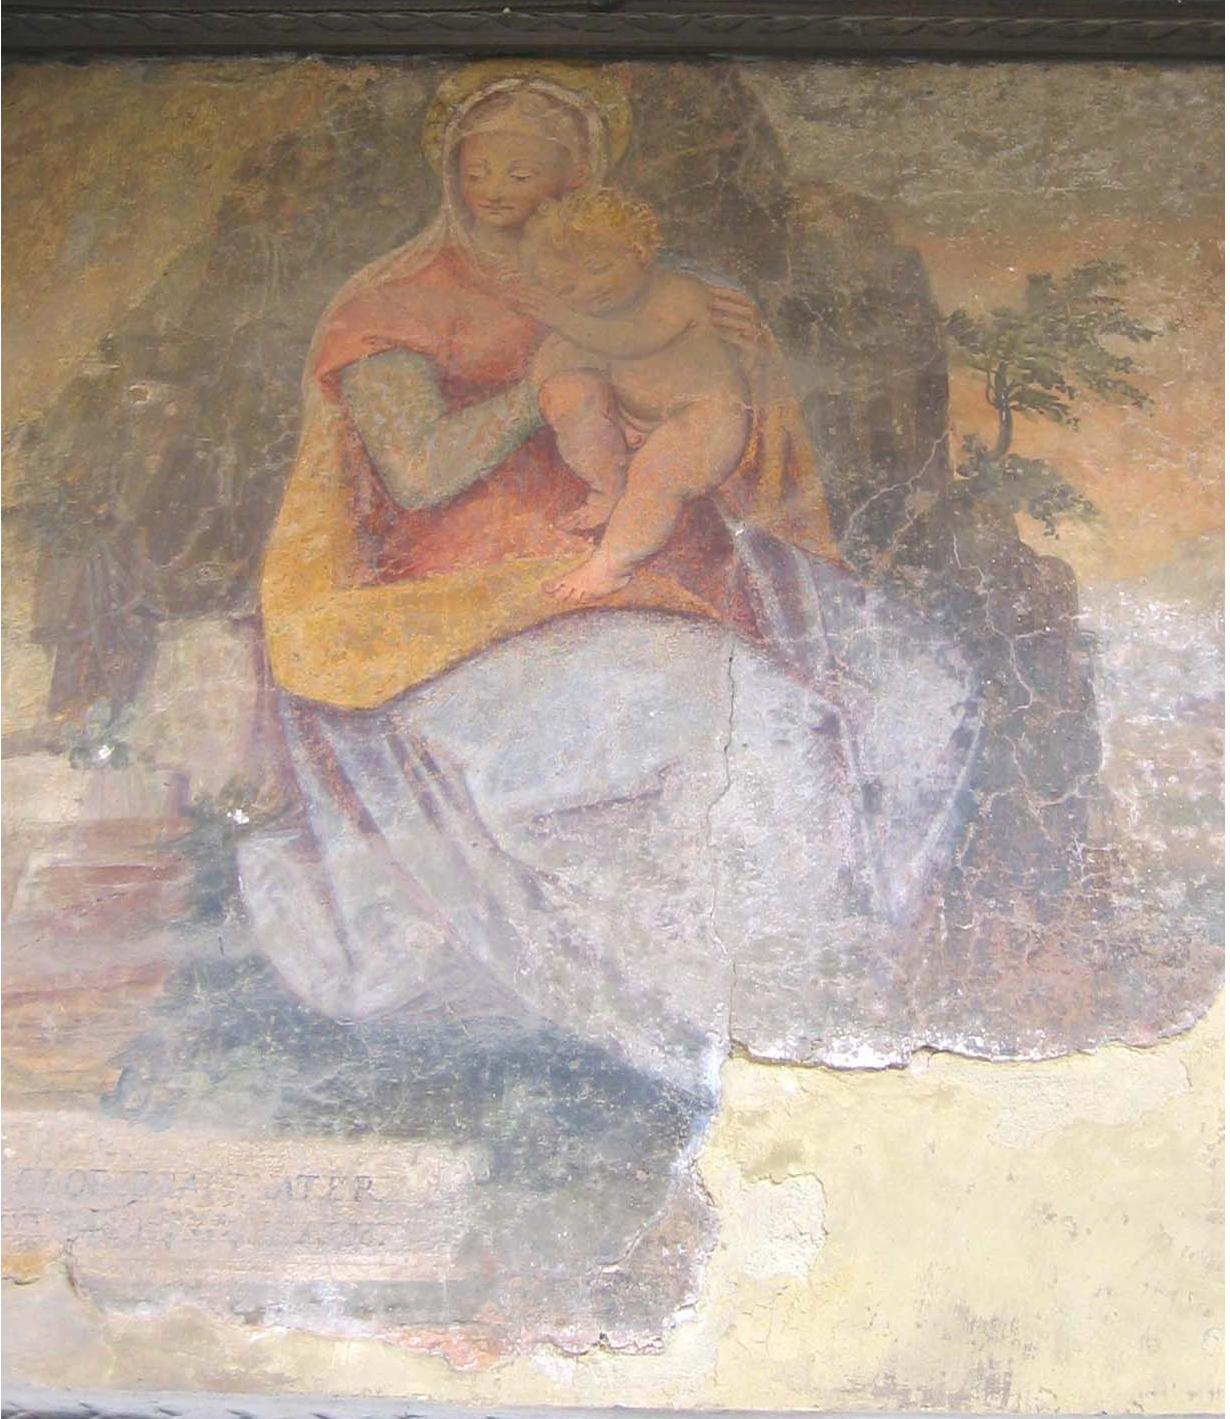 VICOLO MOZZO DELL'ANNUNZIATA, MADONNA COL BAMBINO (Guglielmo Caccia detto il Moncalvo attr.)